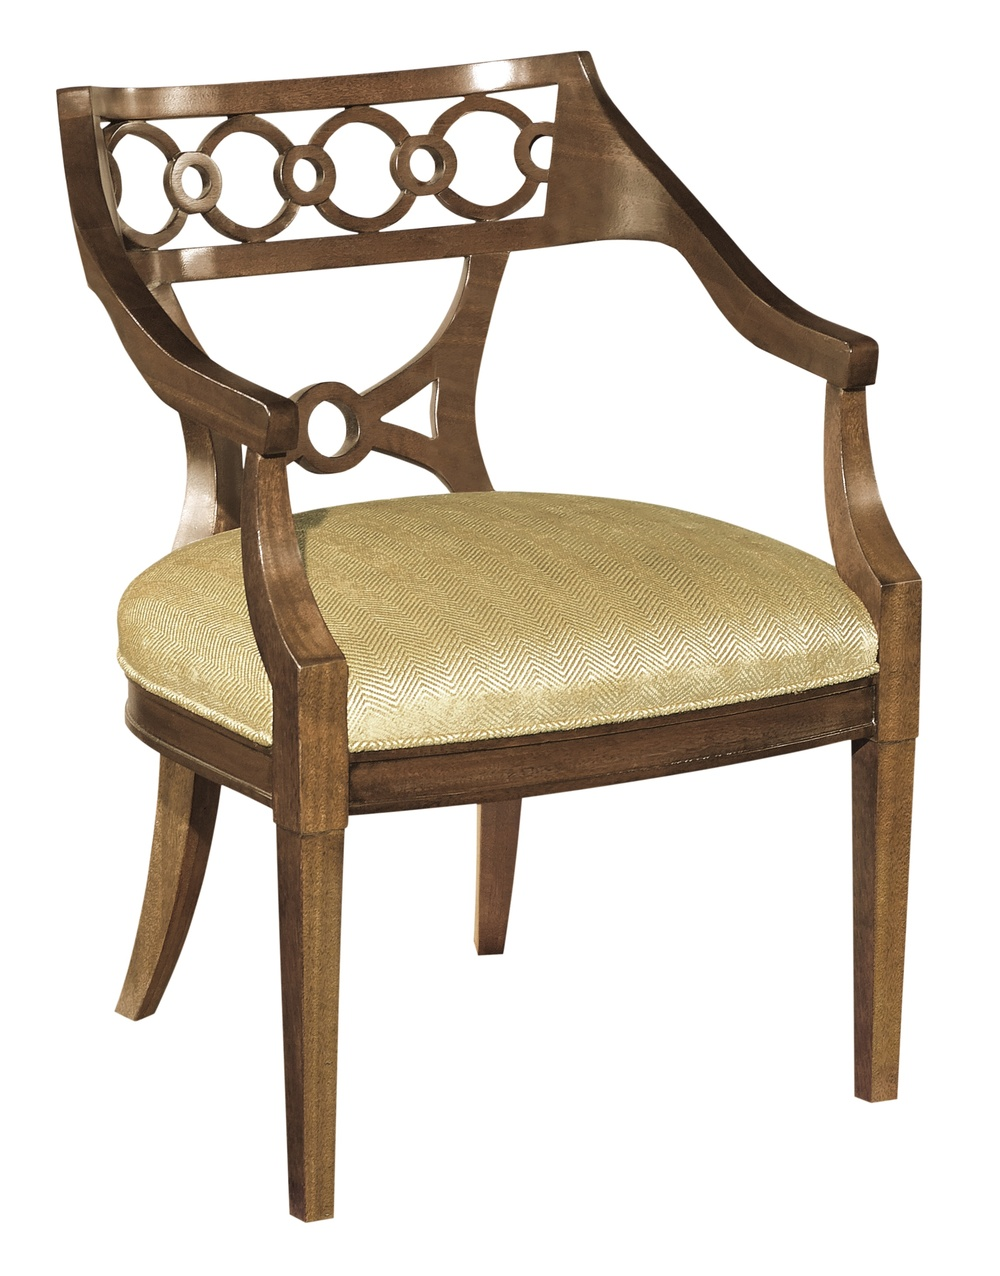 Hickory Chair - Samantha Chair